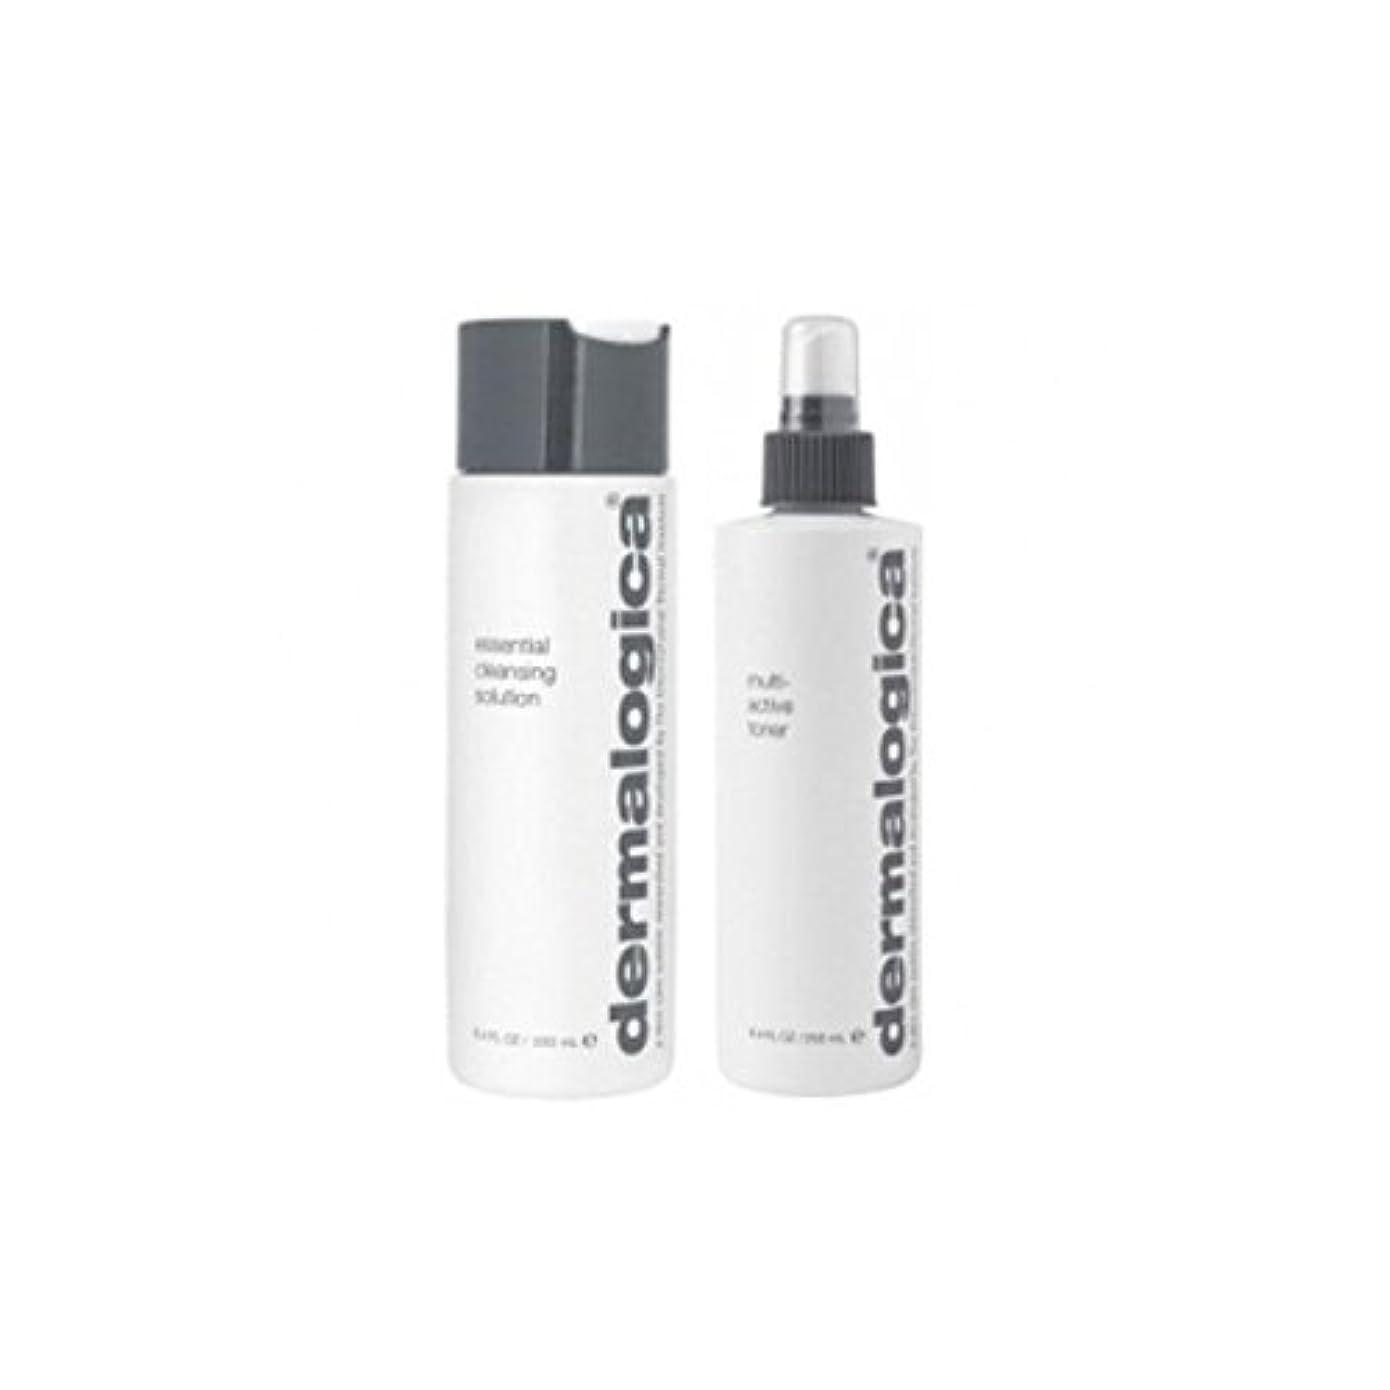 Dermalogica Cleanse & Tone Duo - Dry Skin (Pack of 6) - ダーマロジカクレンジング&トーンデュオ - 乾燥肌 x6 [並行輸入品]